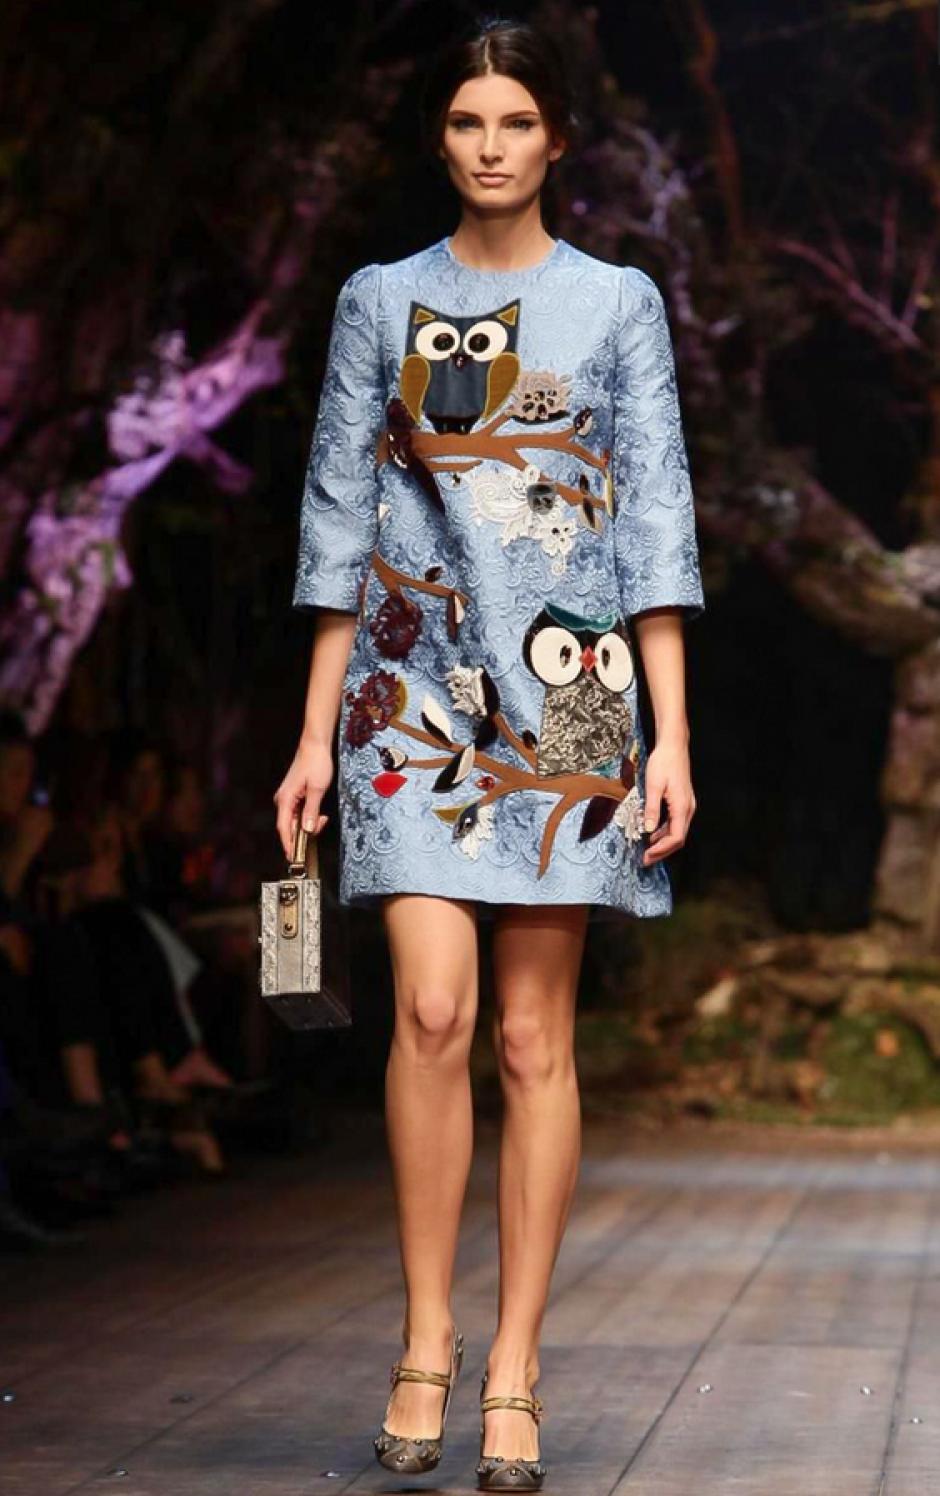 Los búhos y el corte sesentero fueron los mejores aliados en este vestido. (Foto: NowFashion)